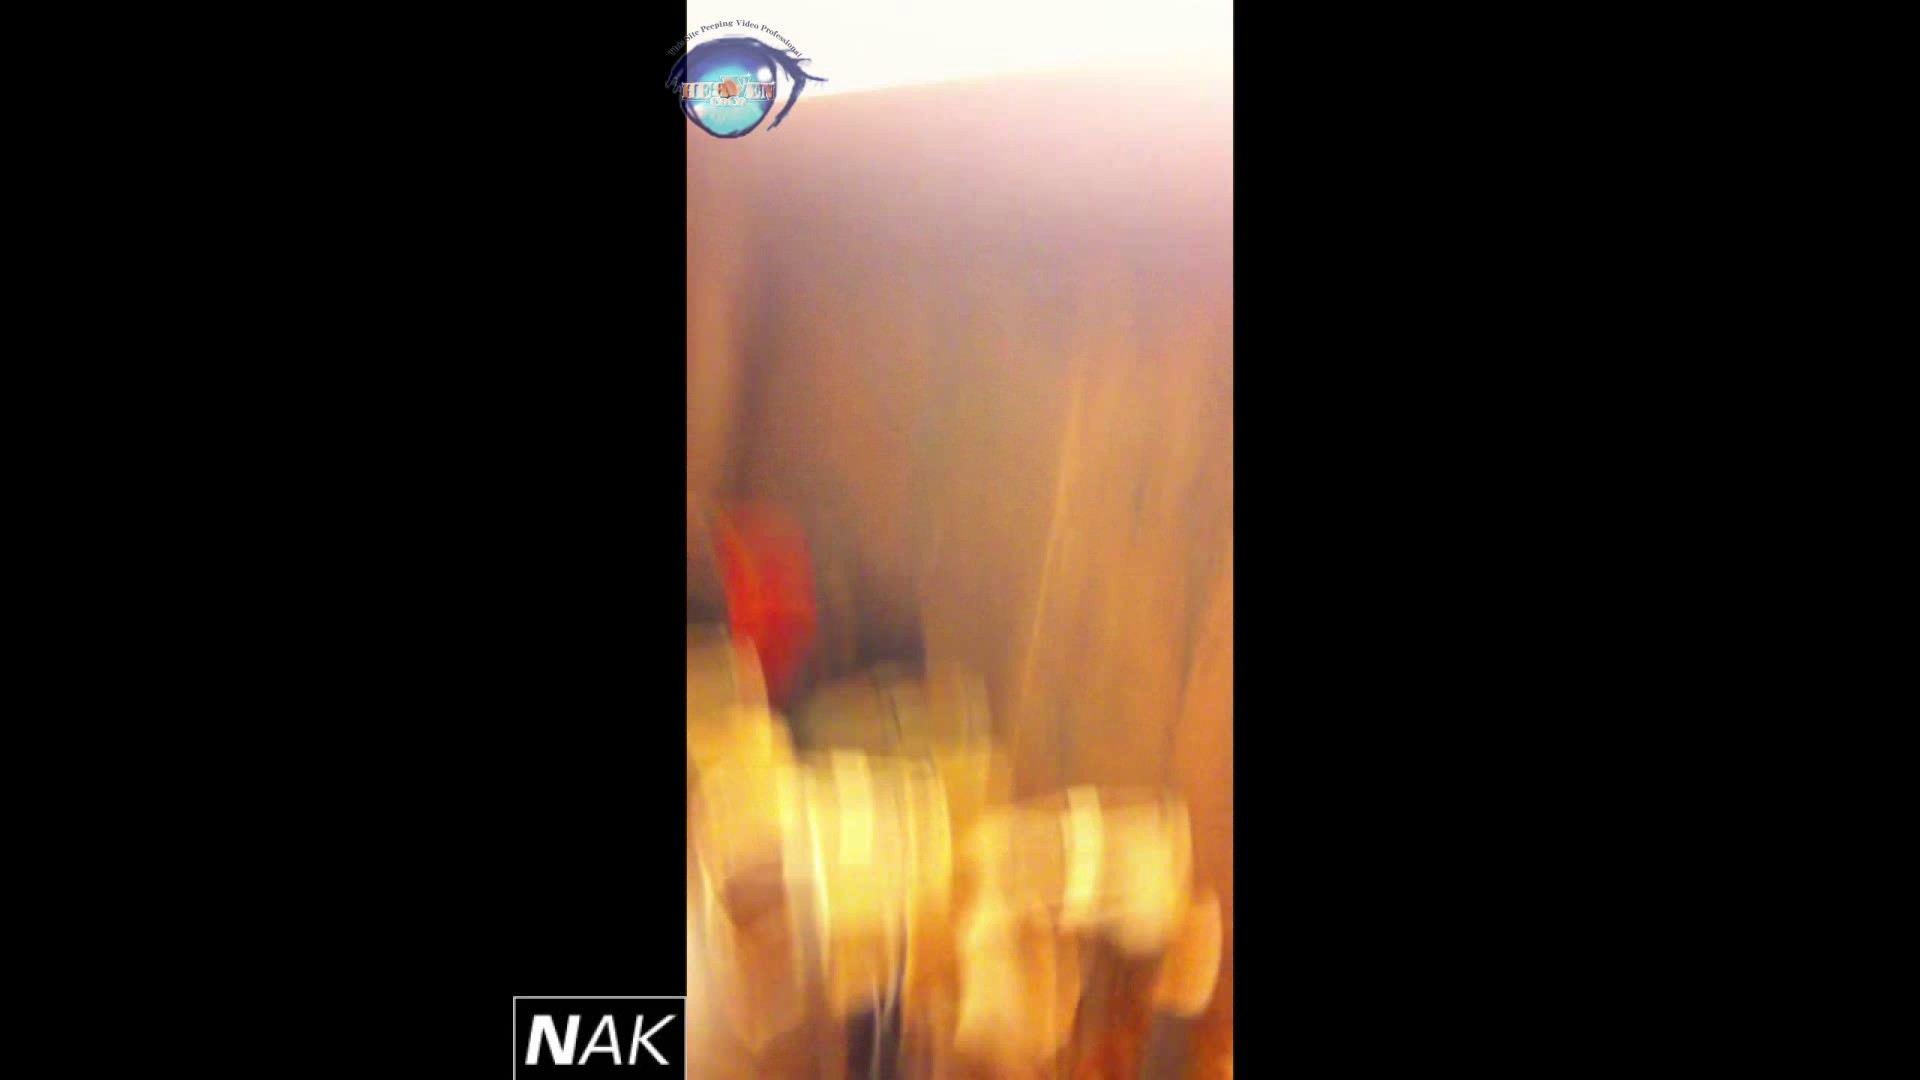 ハイビジョン盗撮!ショップ店員千人斬り!パンチラ編 vol.27 オマタ   チラ歓迎  83pic 41